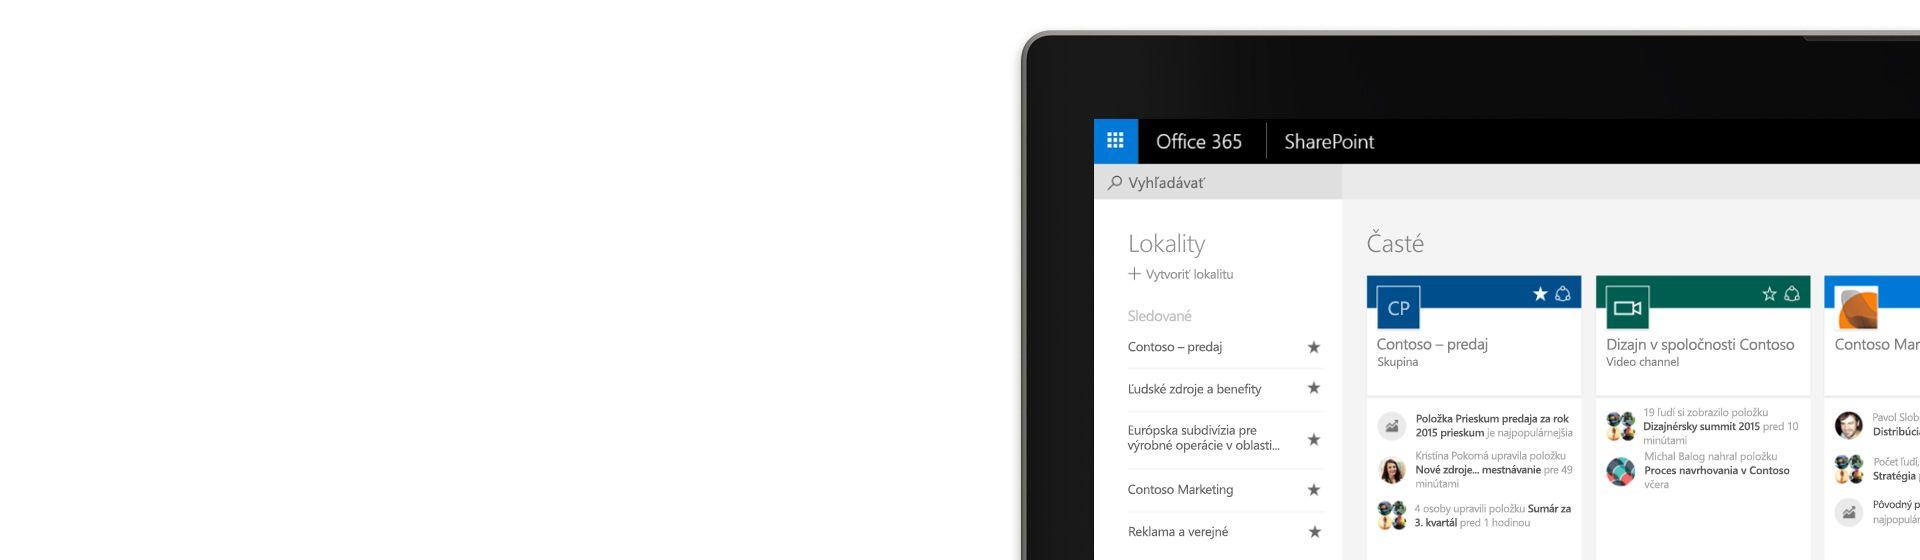 Roh obrazovky prenosného počítača zobrazujúcej služby Office 365 SharePoint pre spoločnosť Contoso